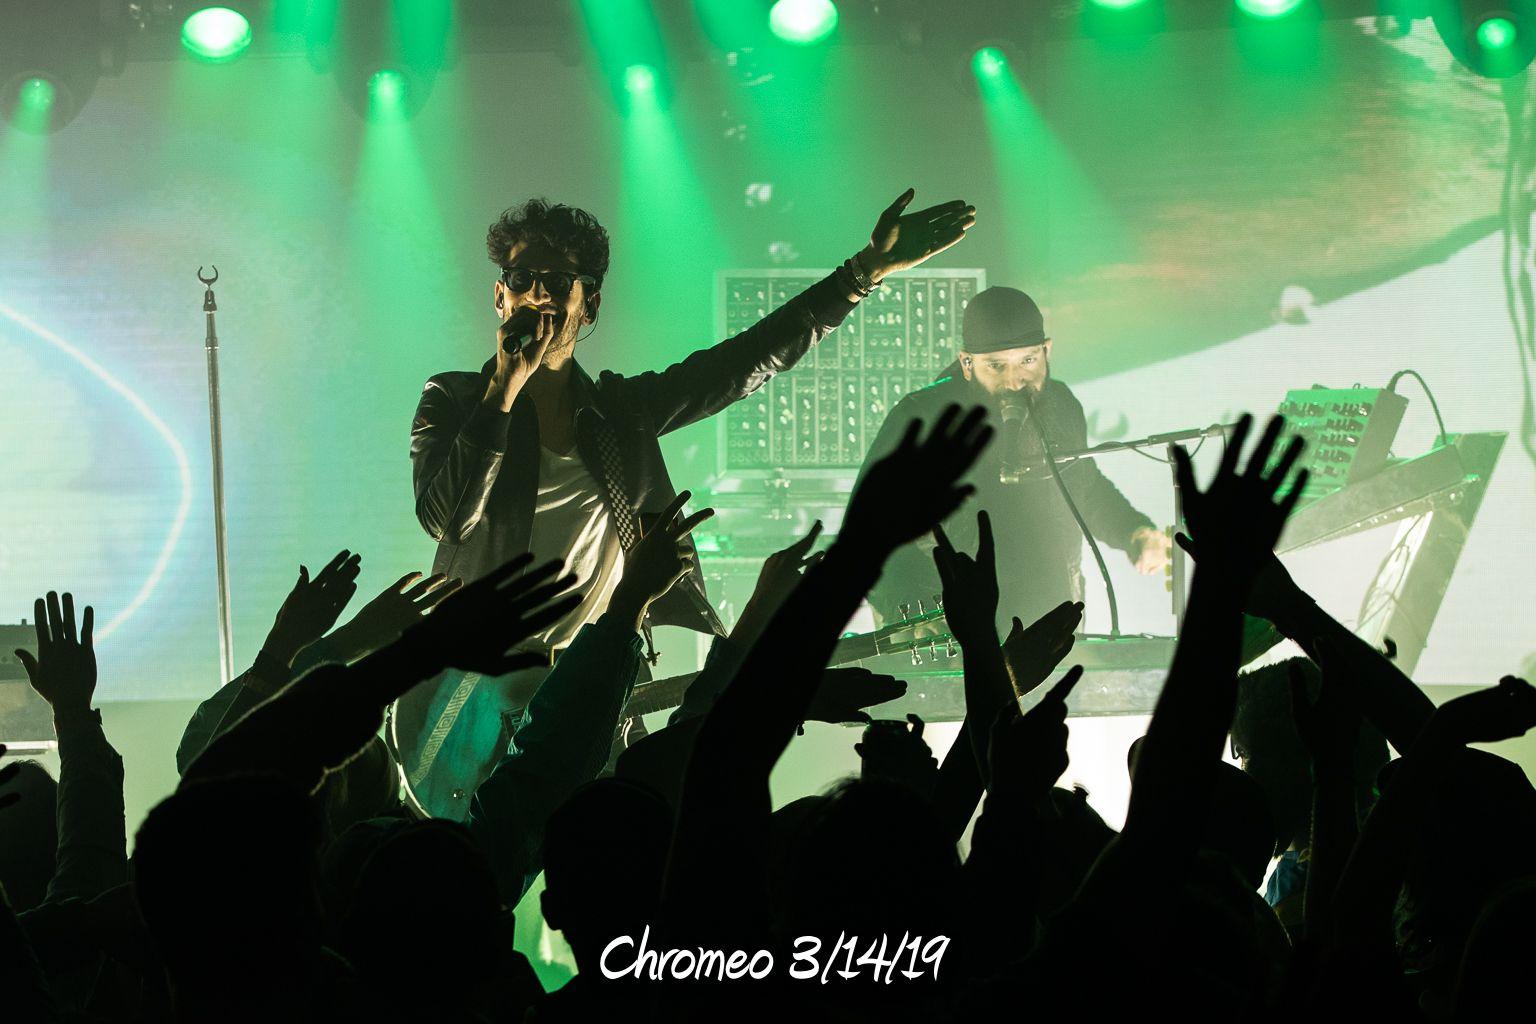 Chromeo 3/14/19